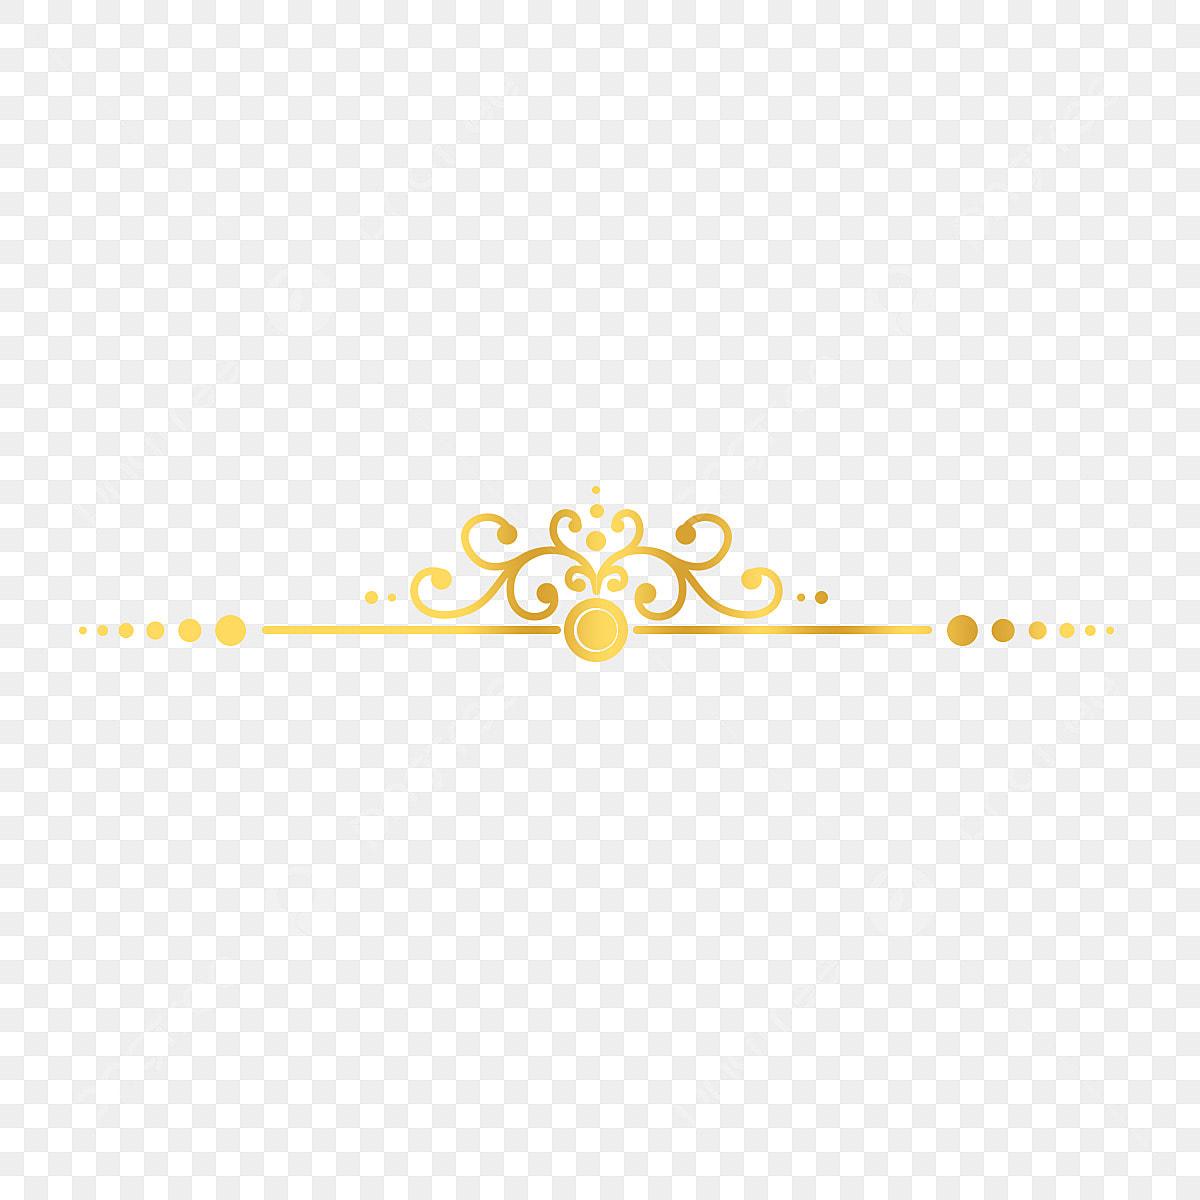 Gambar Garis Lurus Png Vektor Psd Dan Clipart Dengan Latar Belakang Transparan Untuk Download Gratis Pngtree